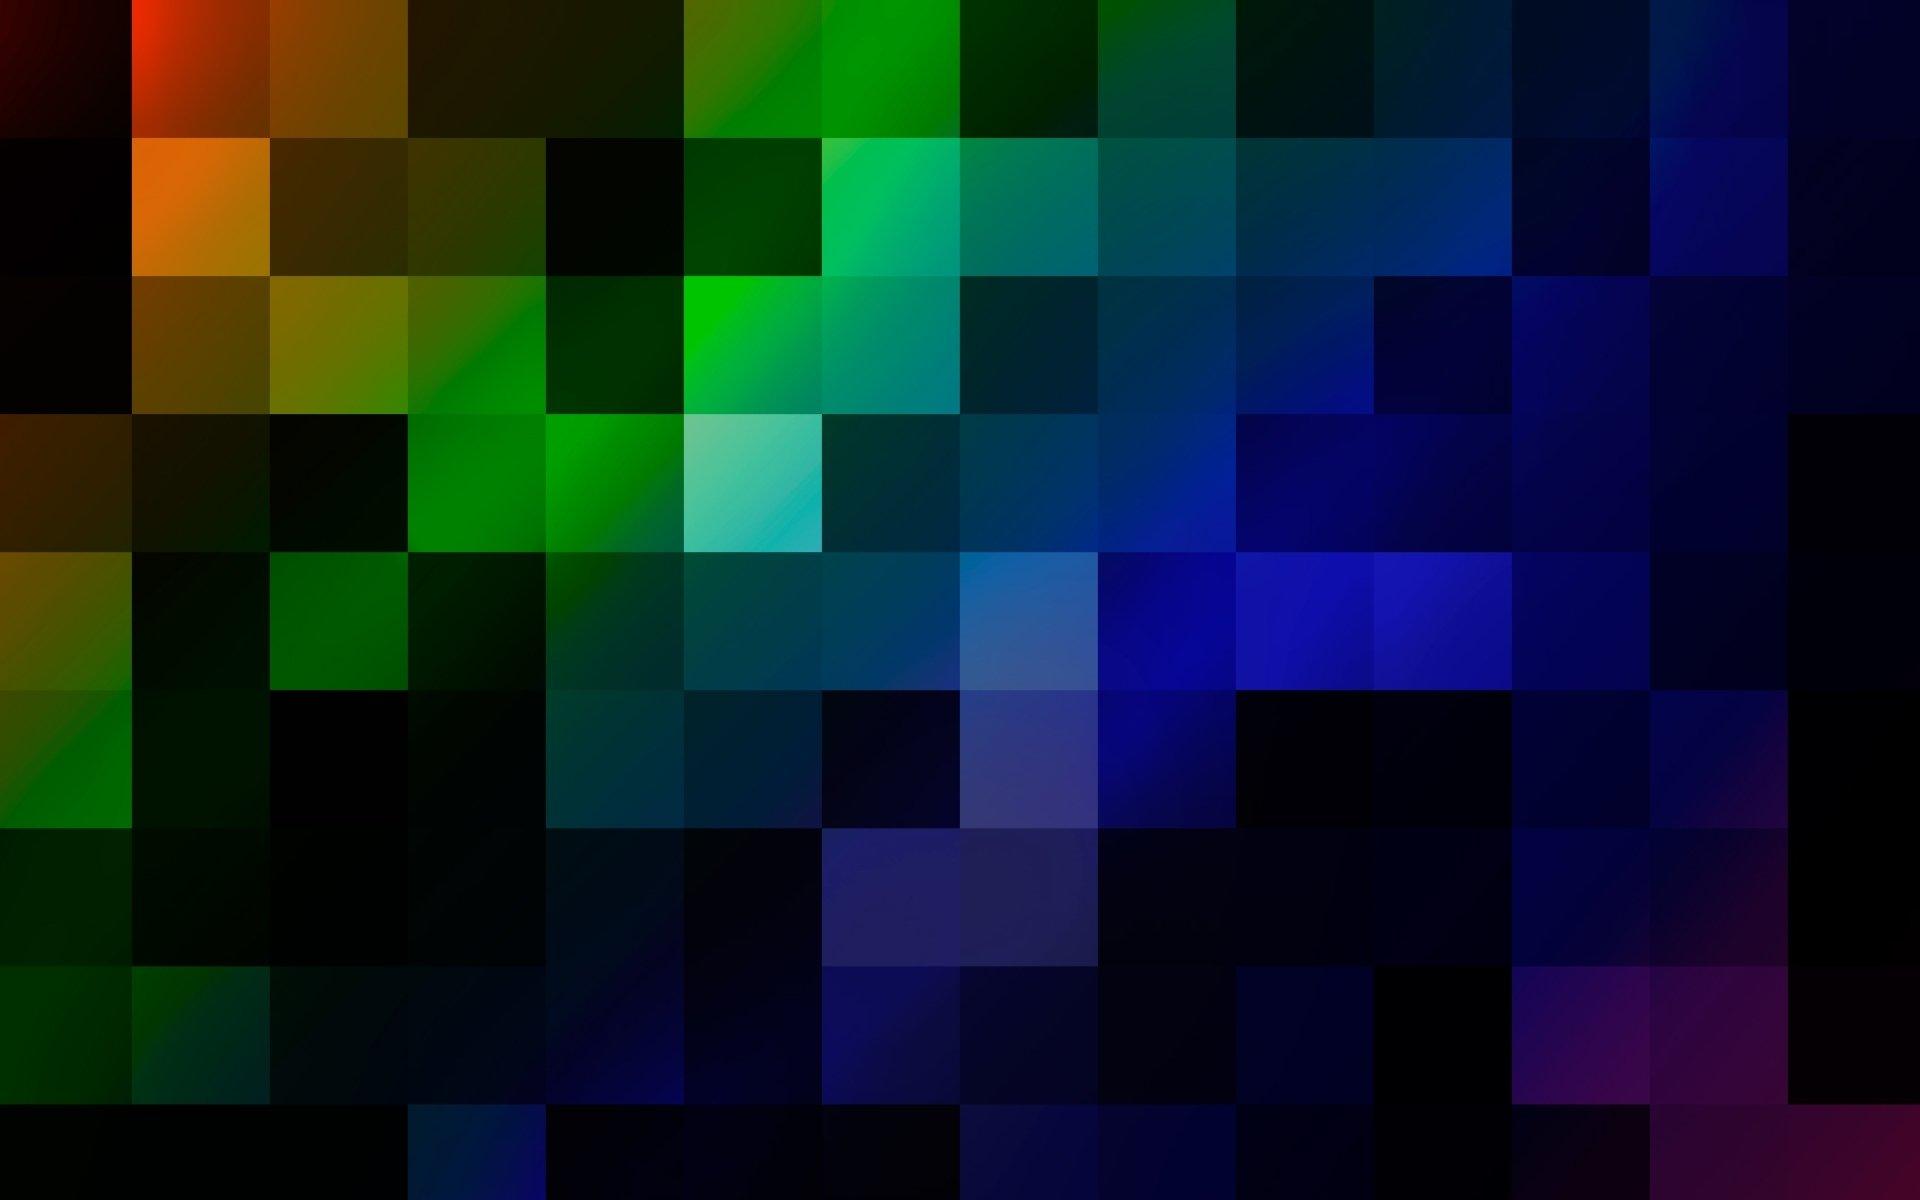 Квадраты фигуры свет блоки  № 3670713  скачать